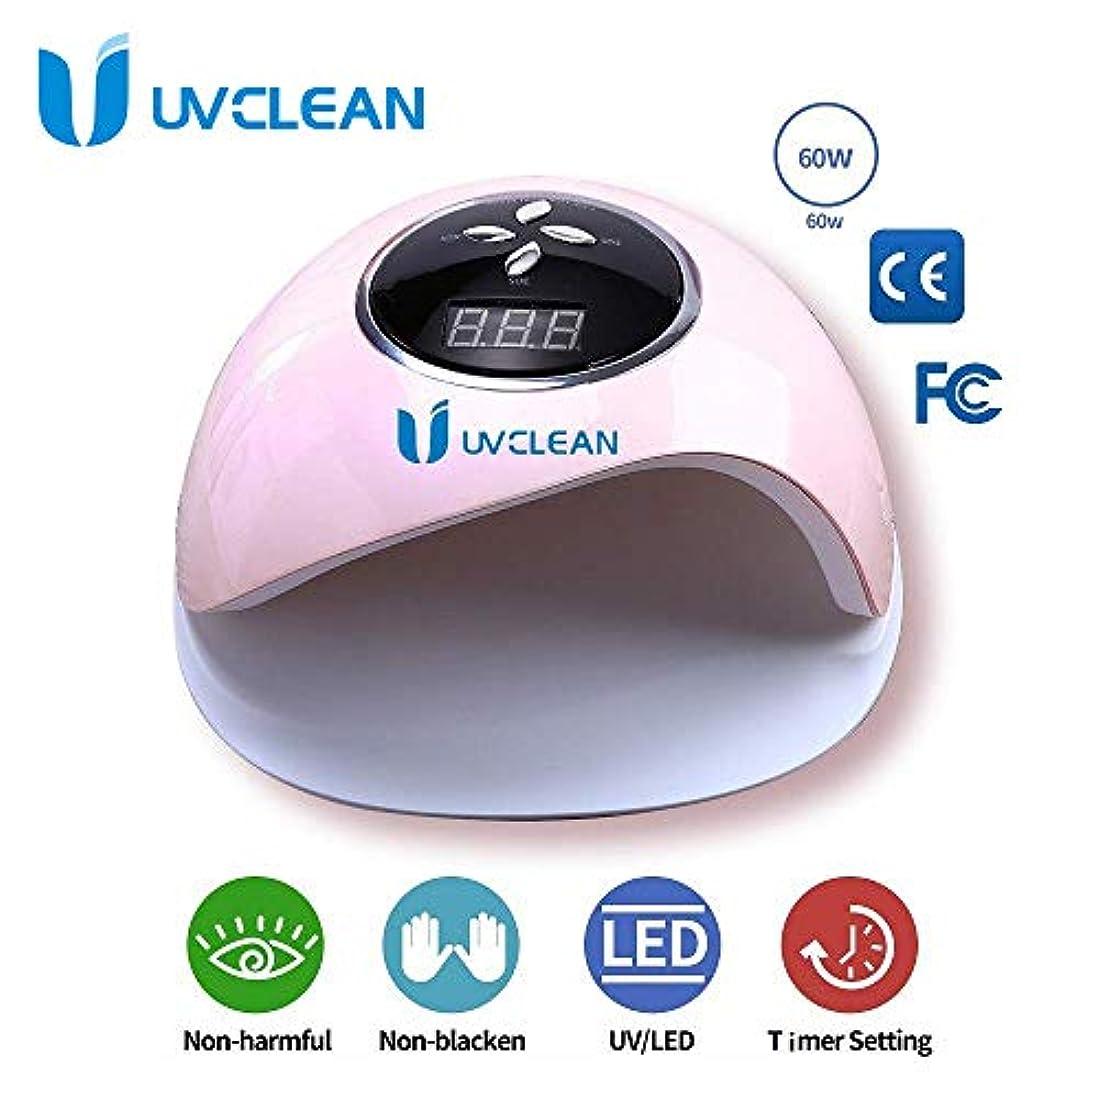 実業家違反彫刻センサーとタイマー機能を有する60Wのuv ledネイルランプ、ネイル乾燥器、ネイル硬化用ライト 、ネイルサロンランプ (ピンク)